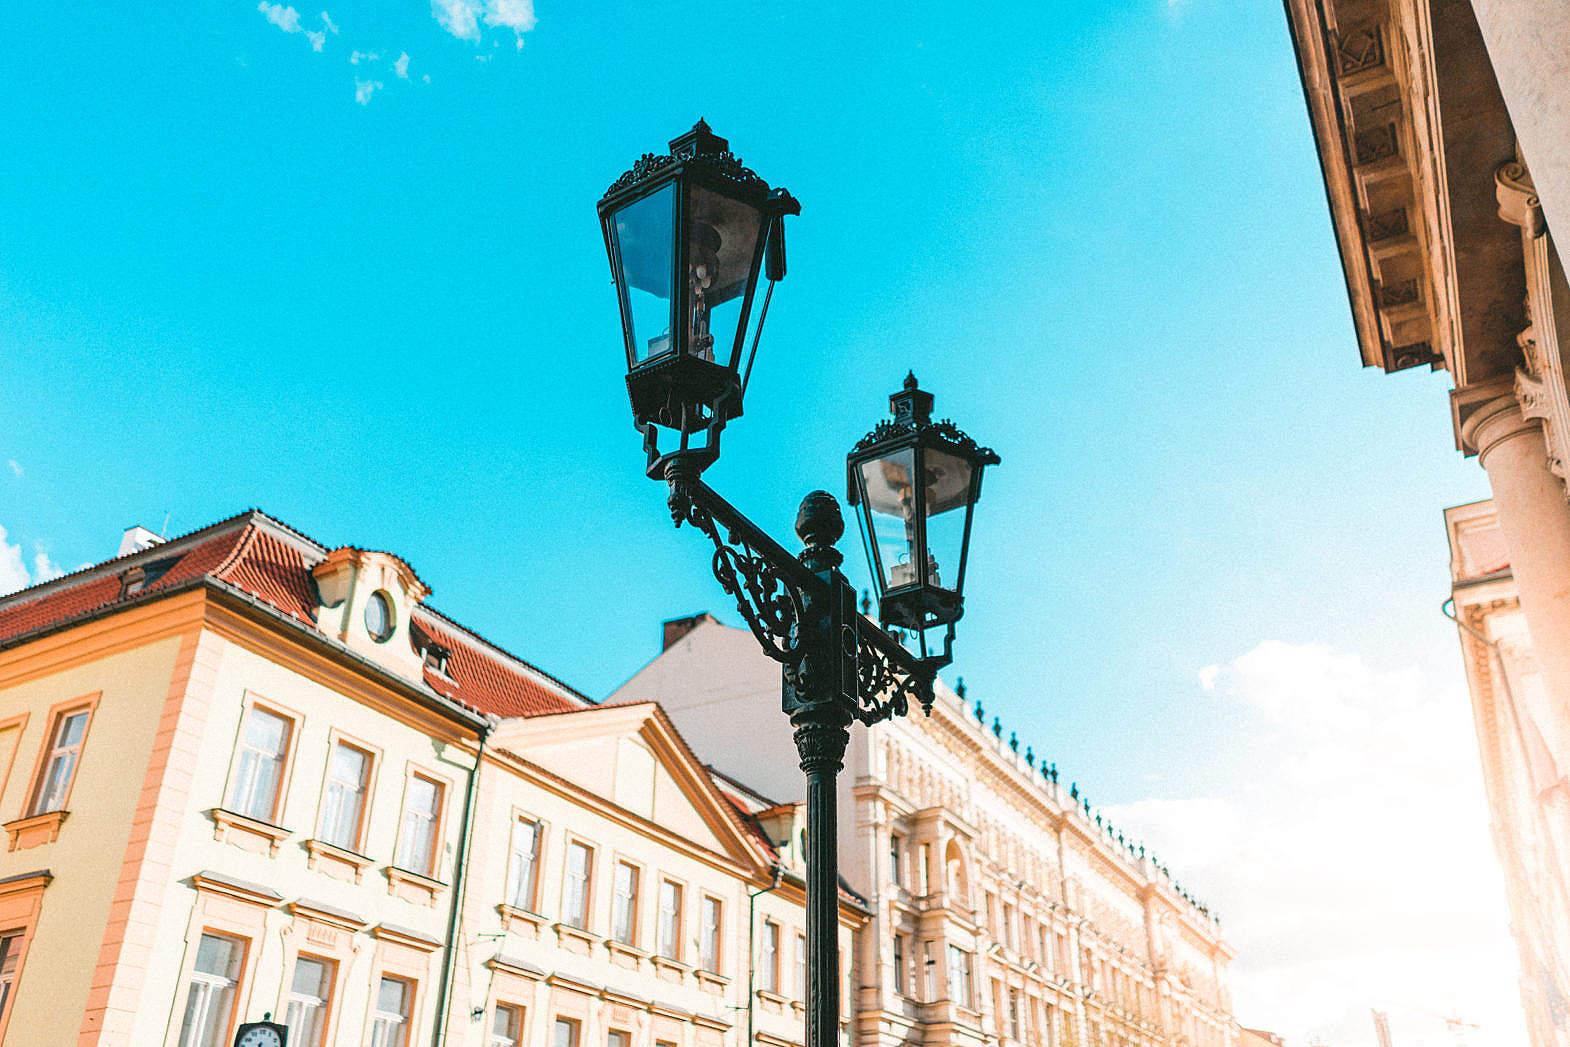 路牌, 路灯,欧式建筑,蓝天,街边,路边, 城市建筑-第1张